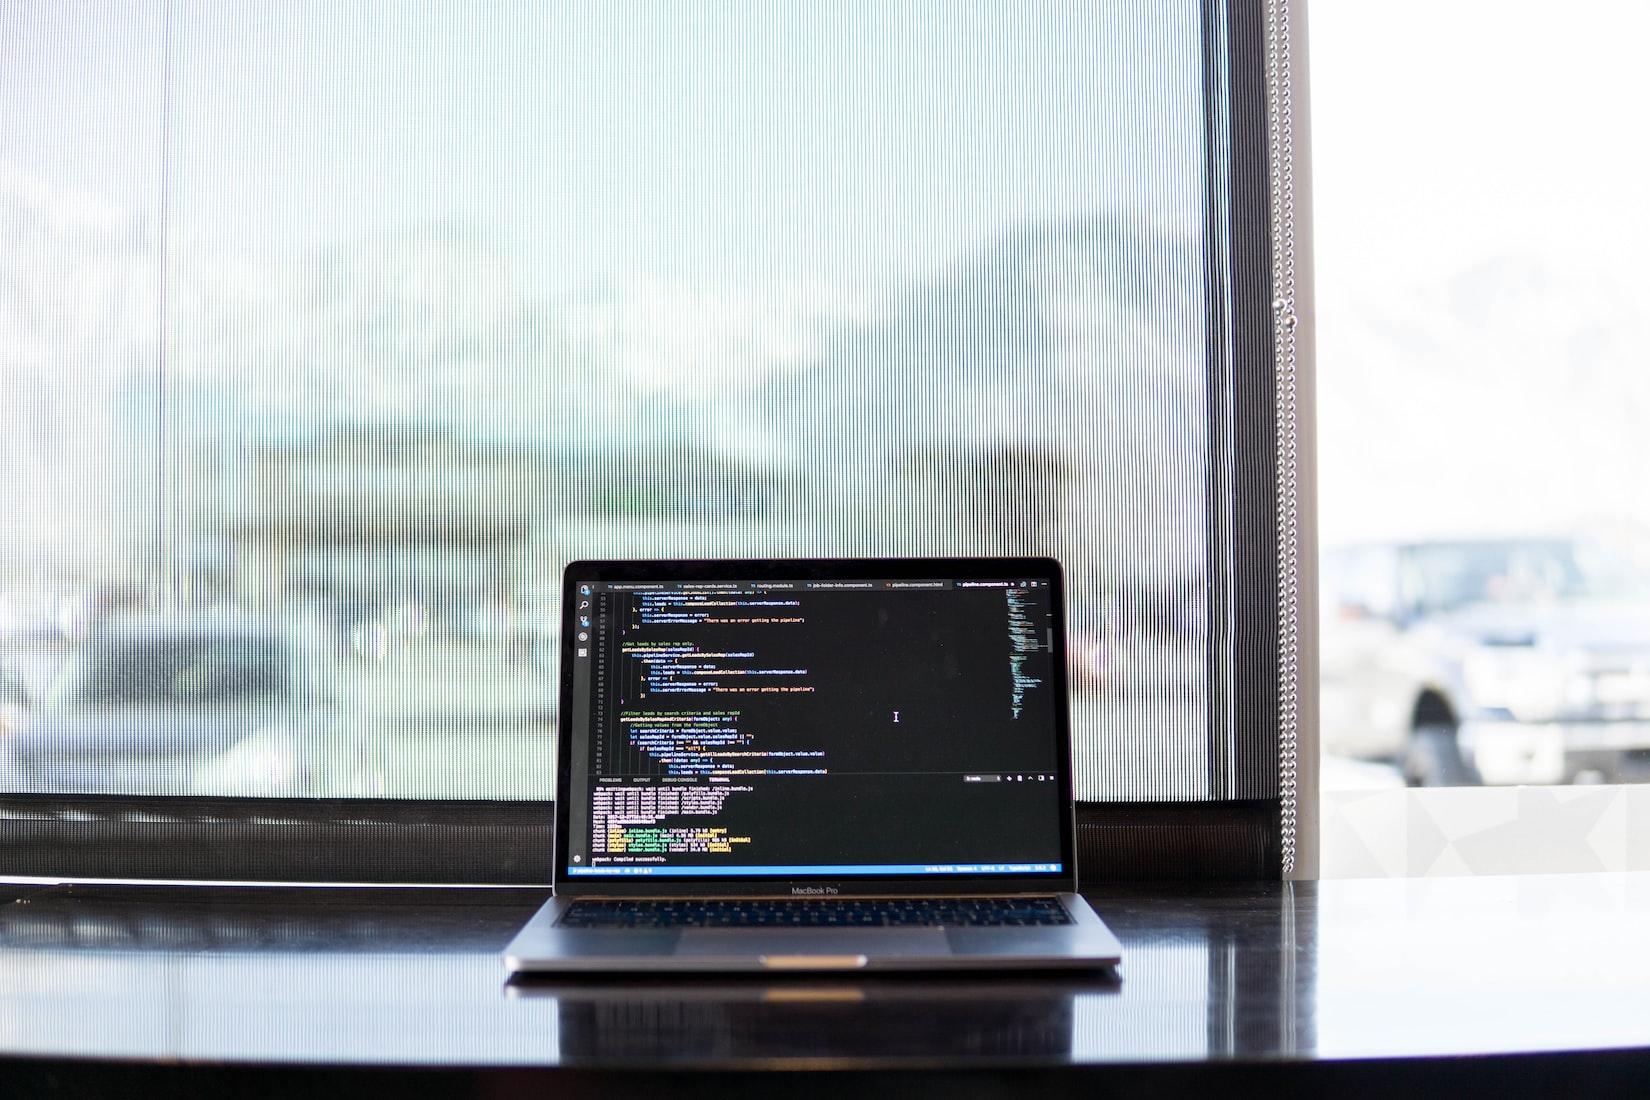 Macbook with Visual Code Open